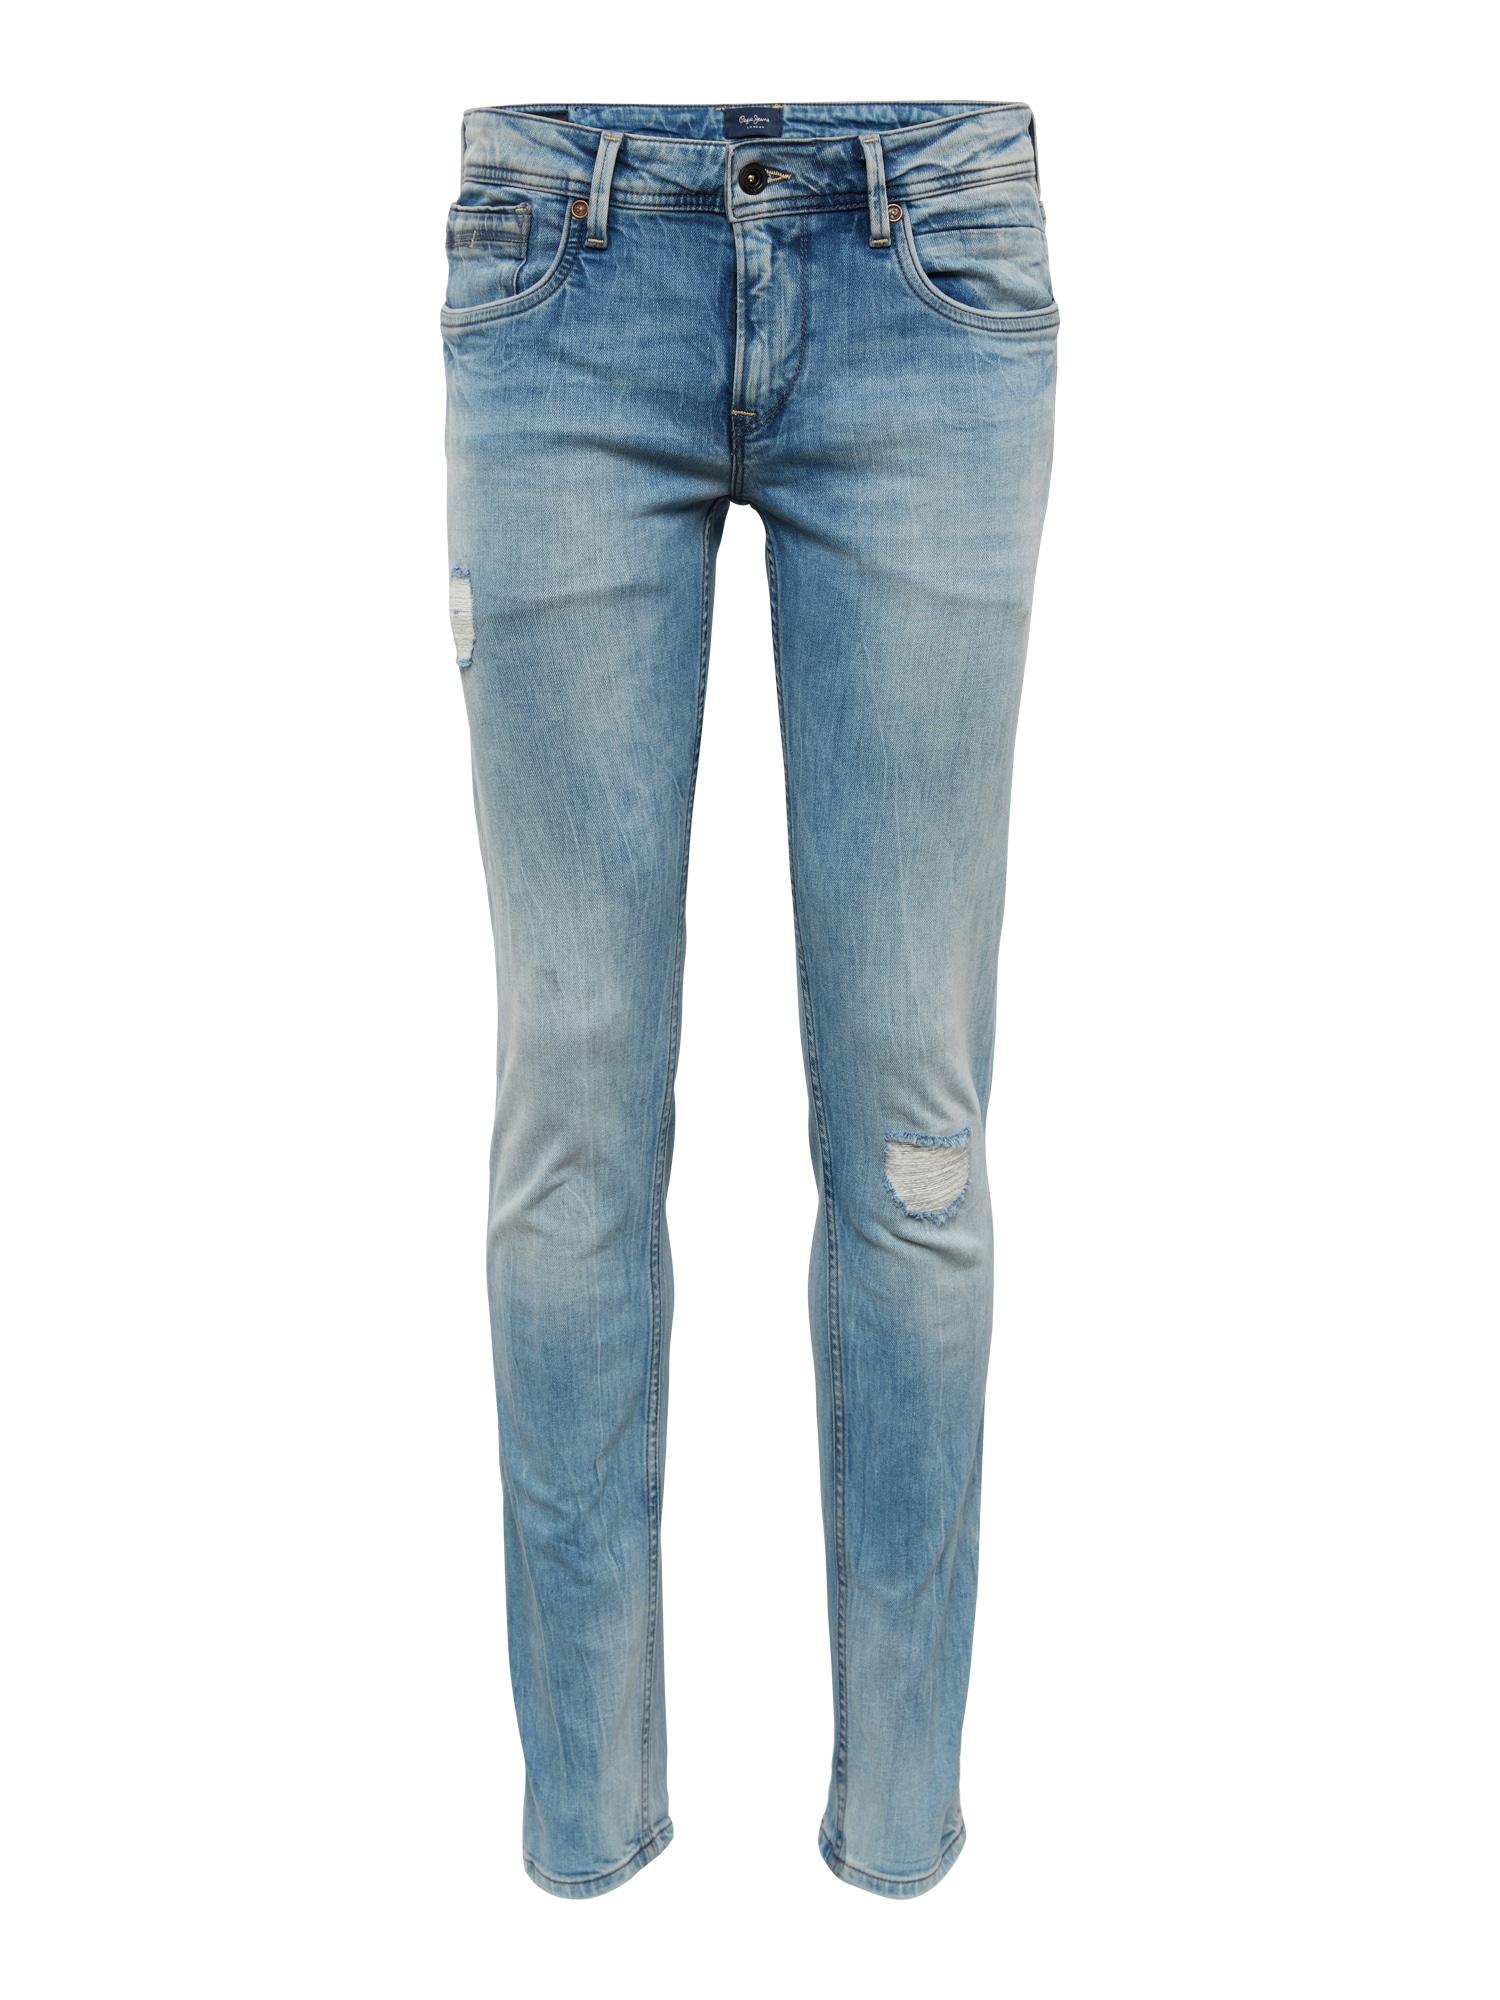 Džíny Hatch Sharp modrá džínovina Pepe Jeans